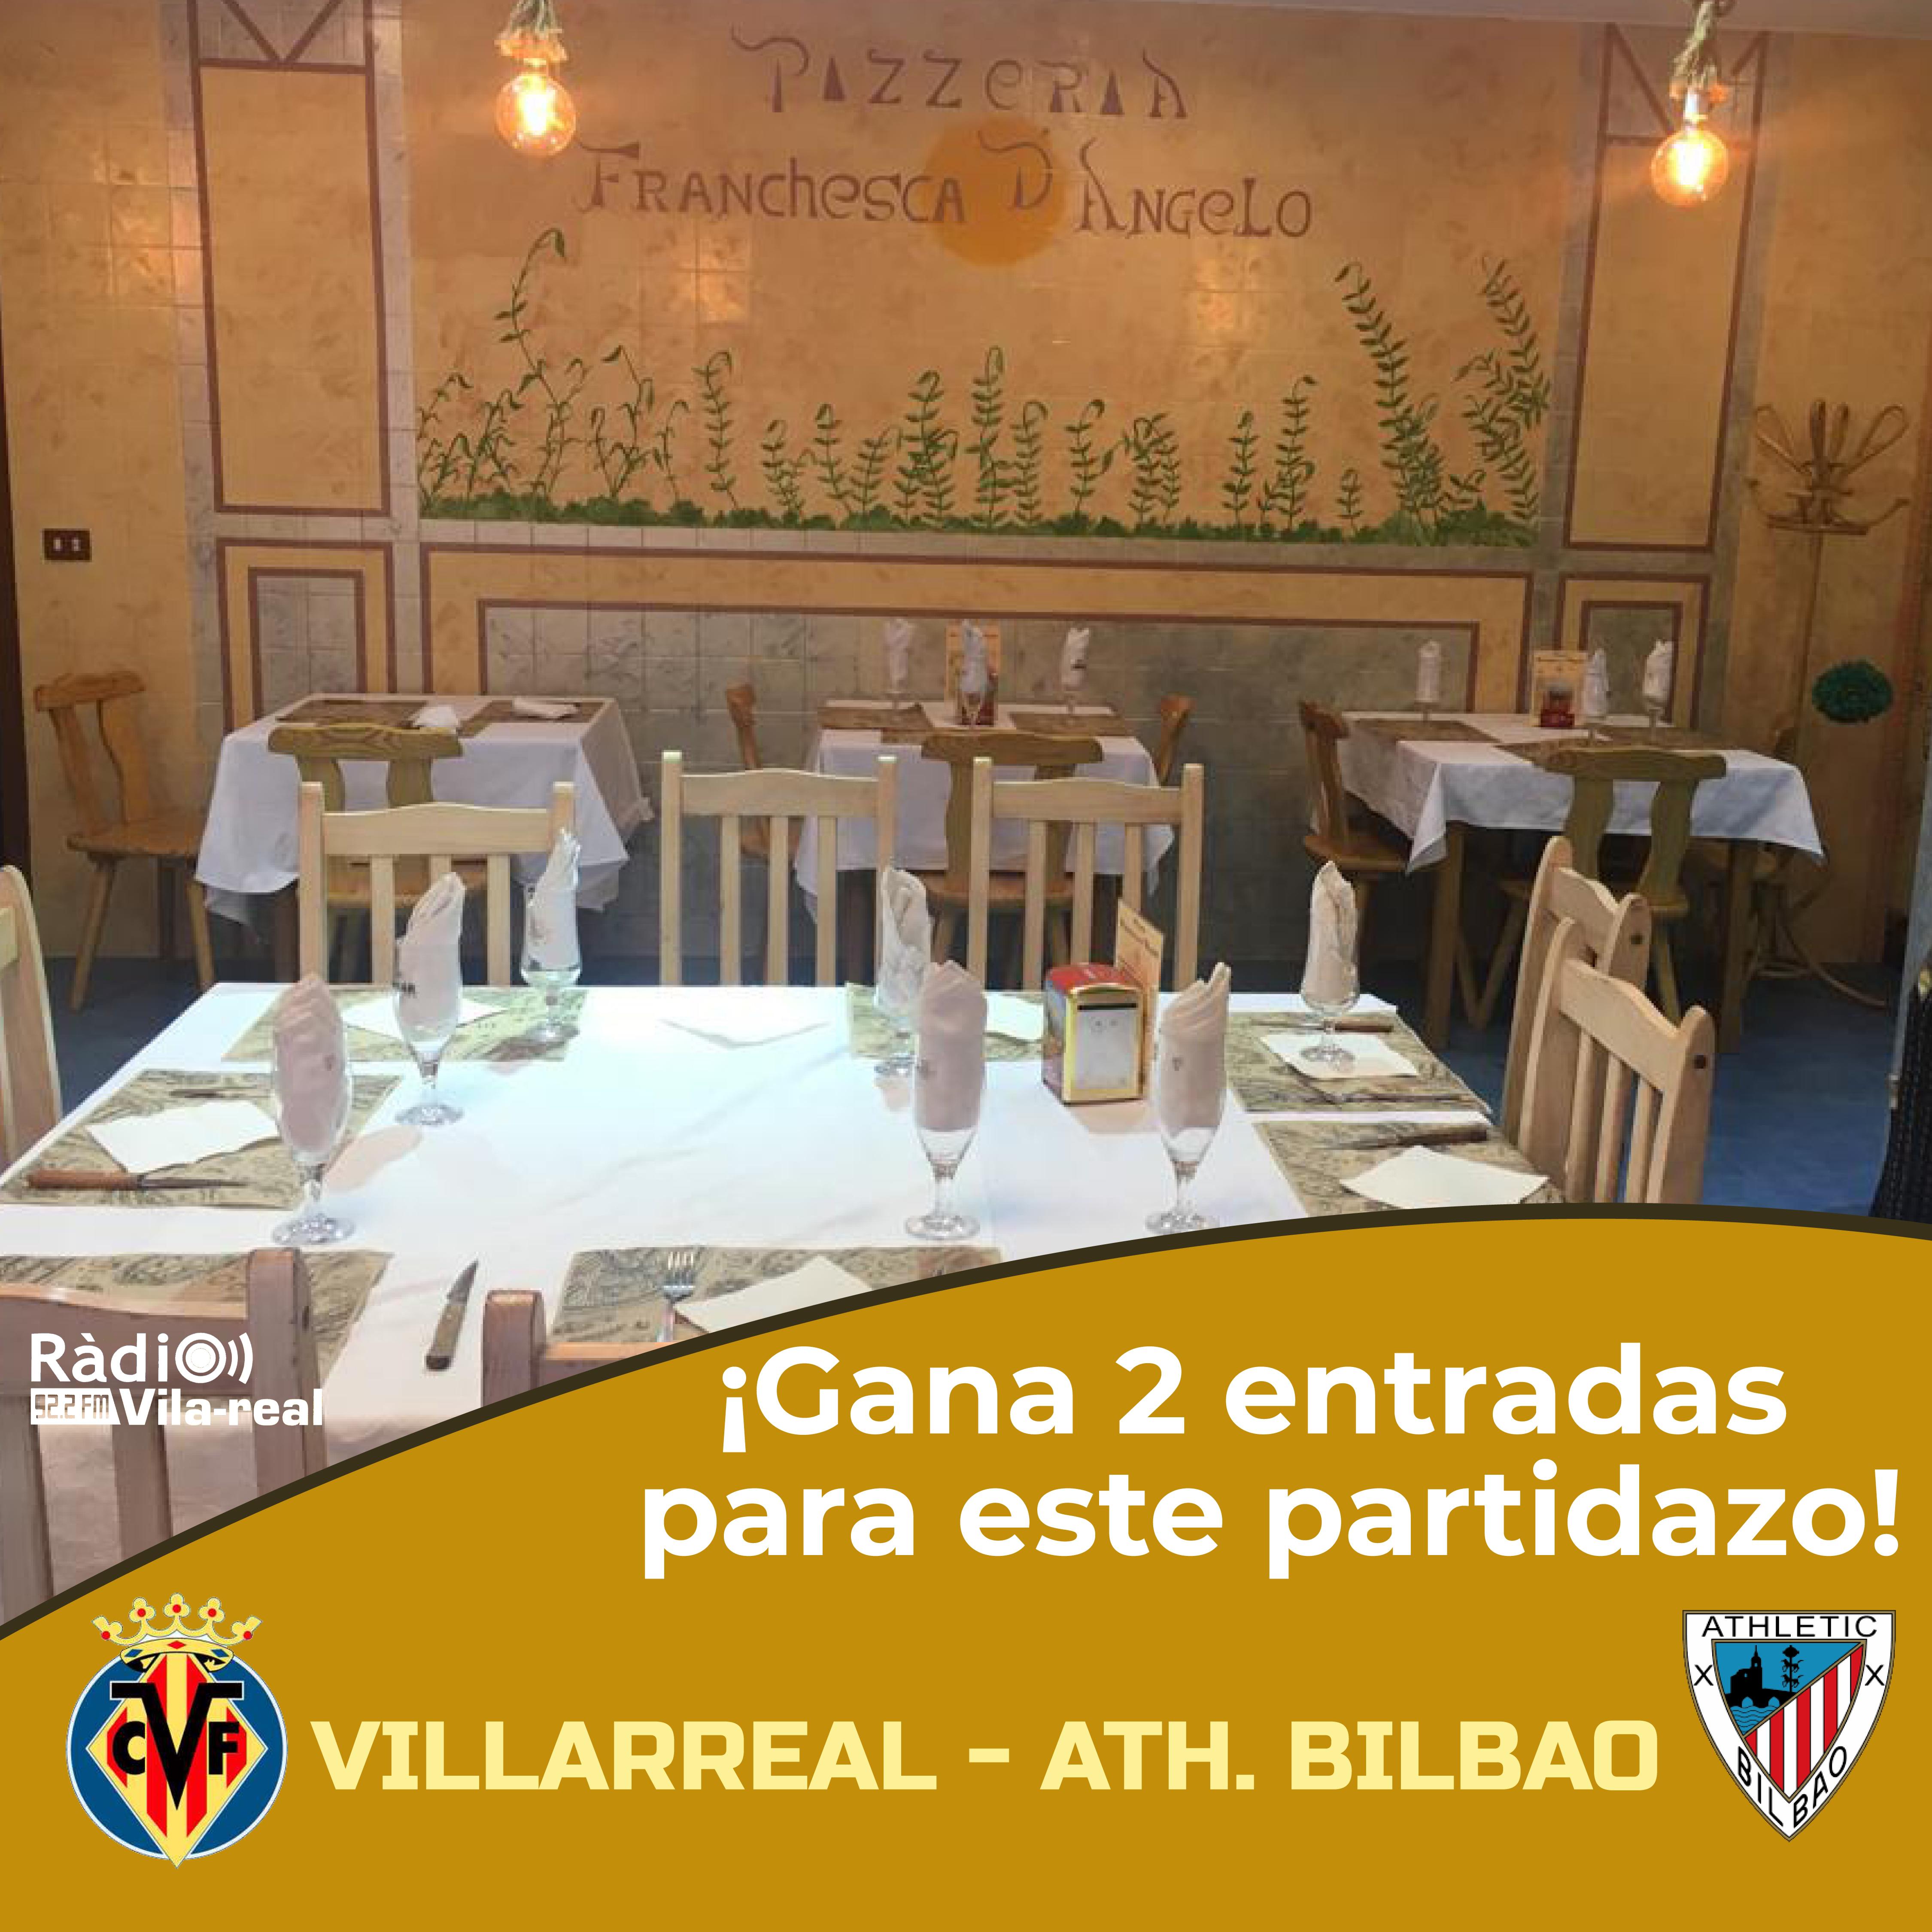 SORTEO VILLARREAL CF: ¡gana 2 entradas para el Villarreal CF – Ath. Bilbao!